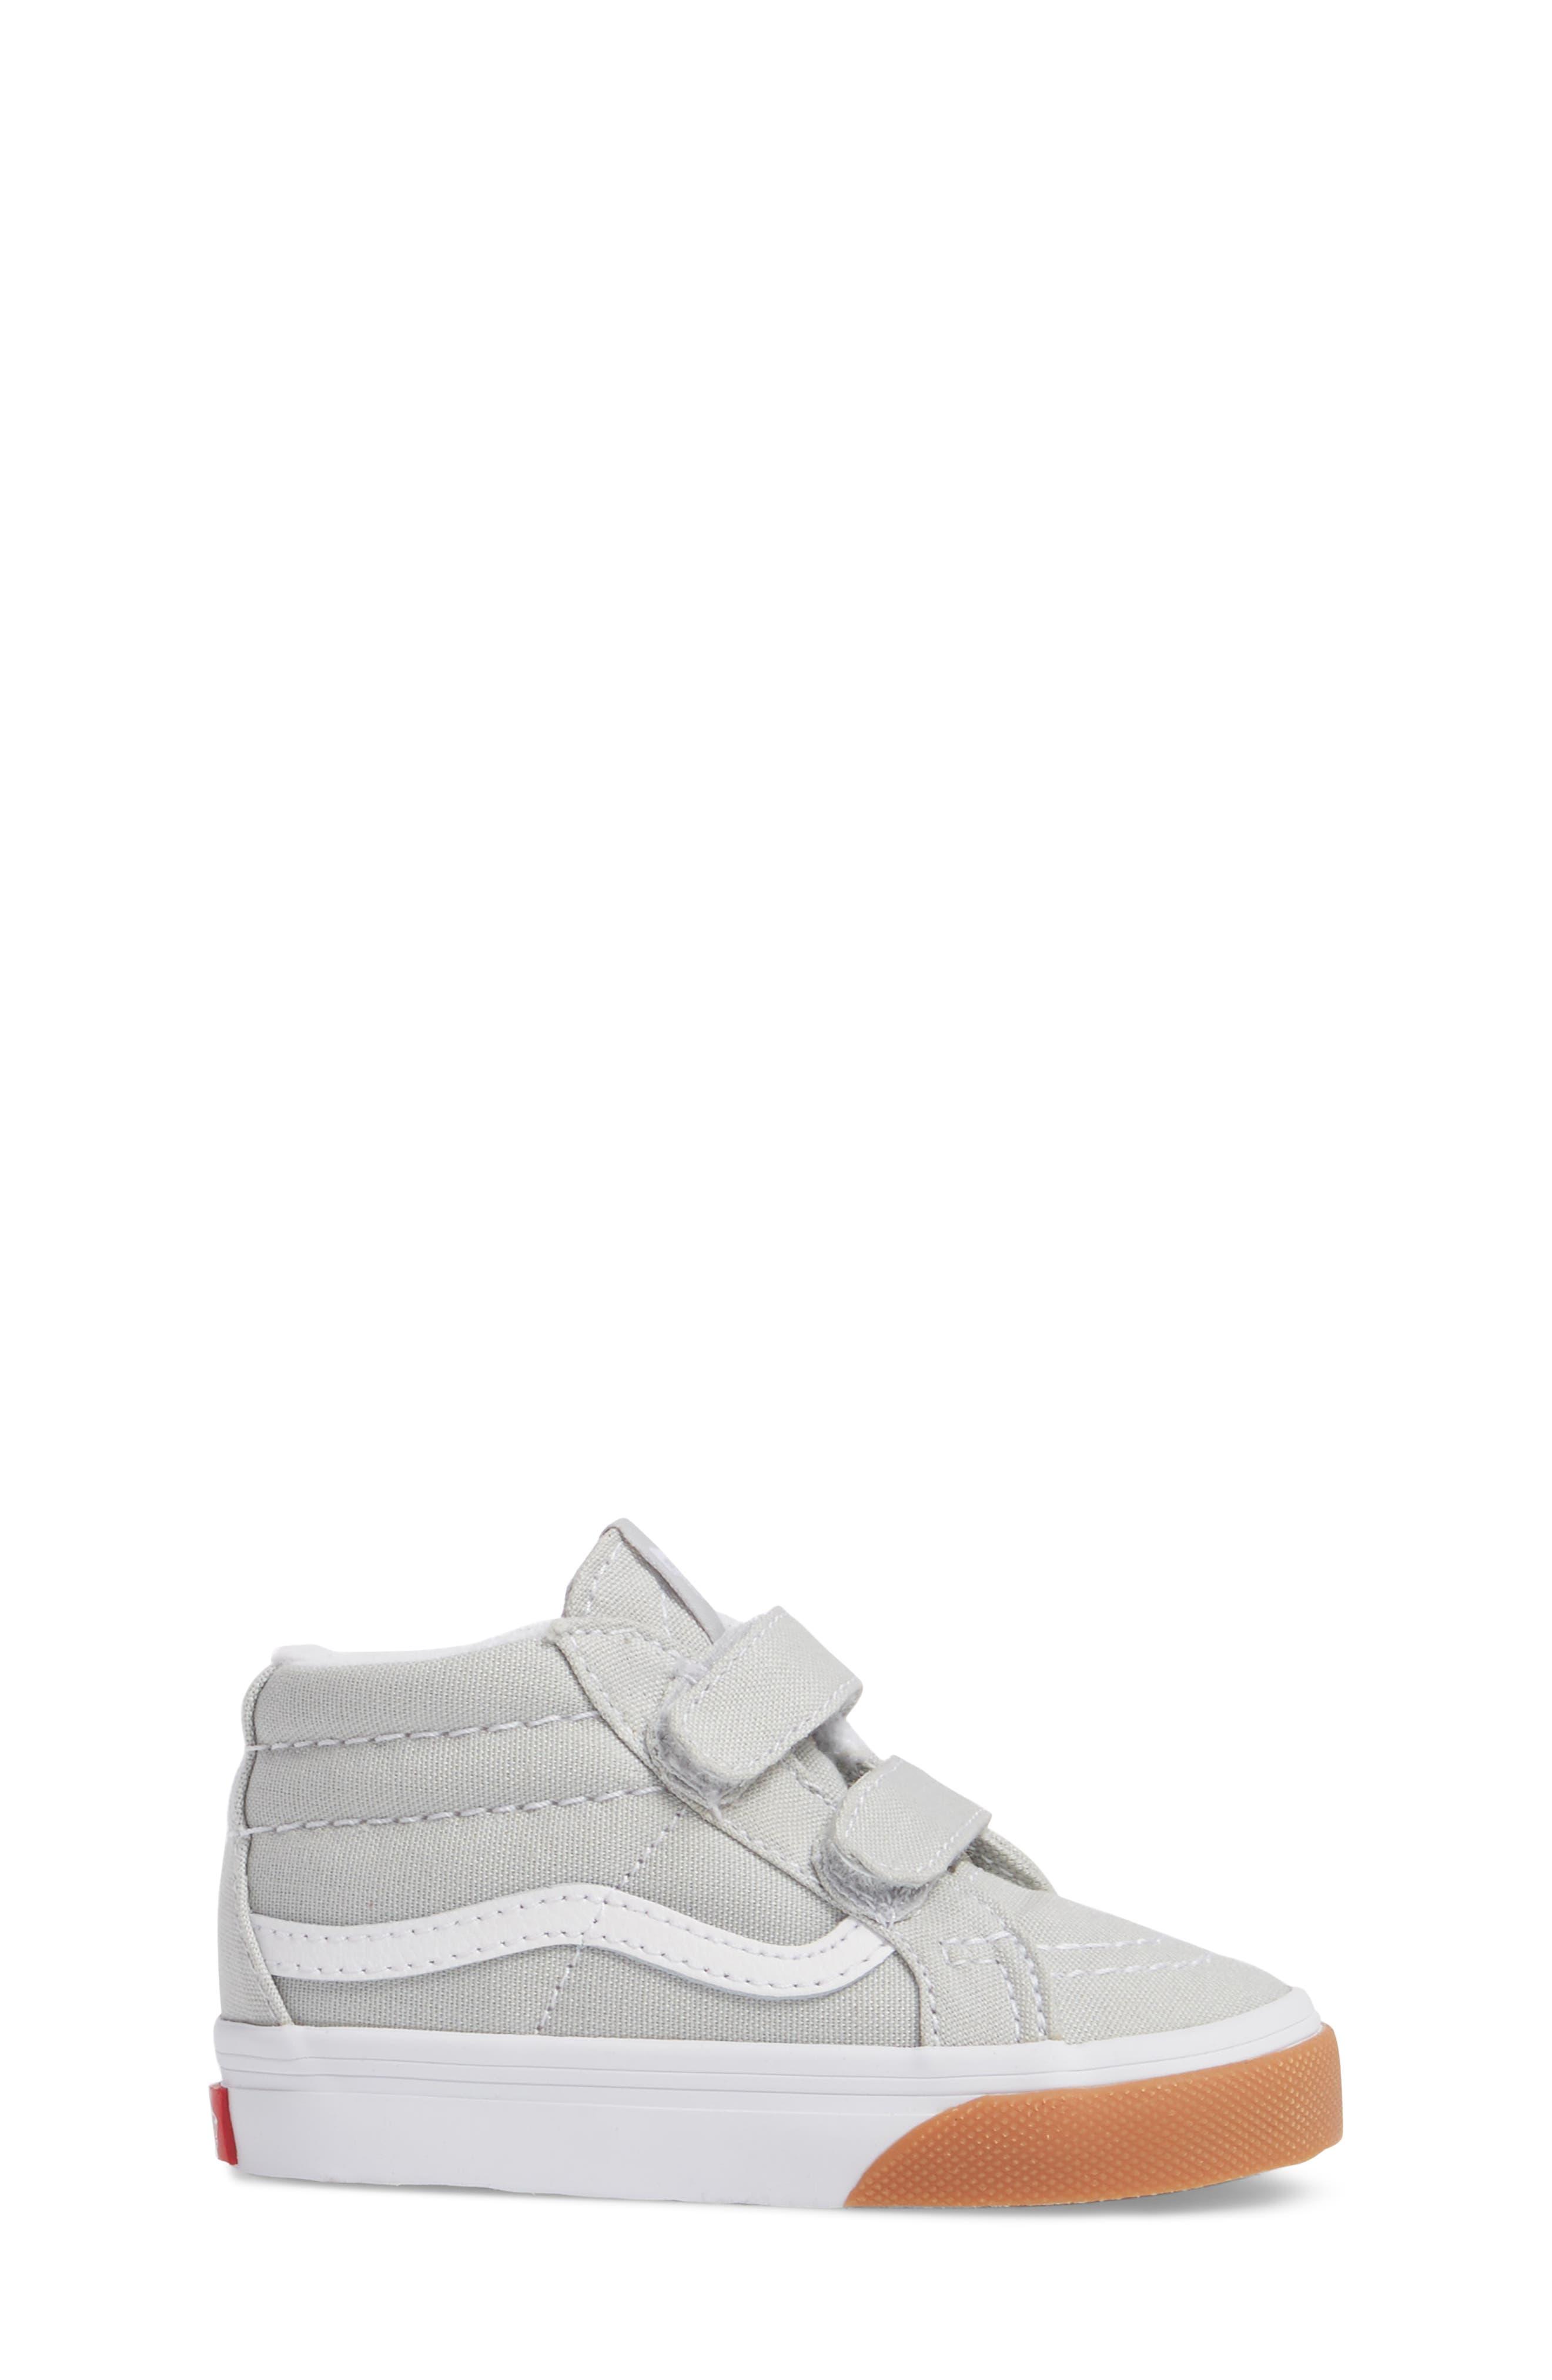 SK8-Mid Reissue V Sneaker,                             Alternate thumbnail 3, color,